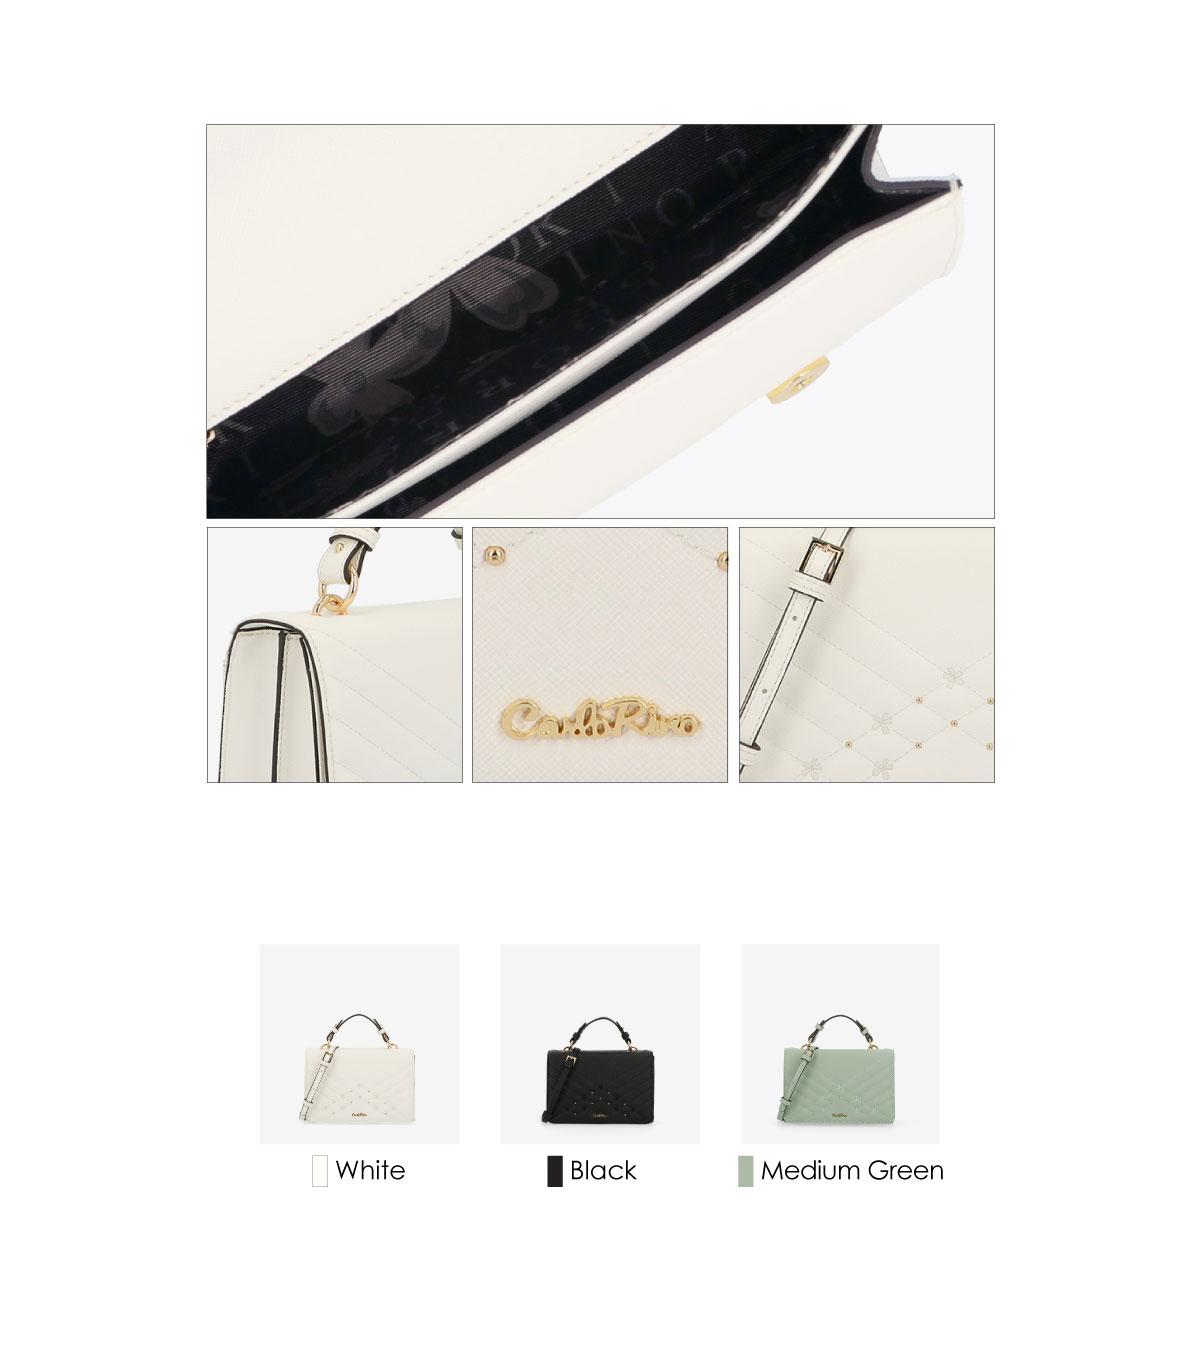 0305058K 002 3 1 - Medallion Top Handle Bag